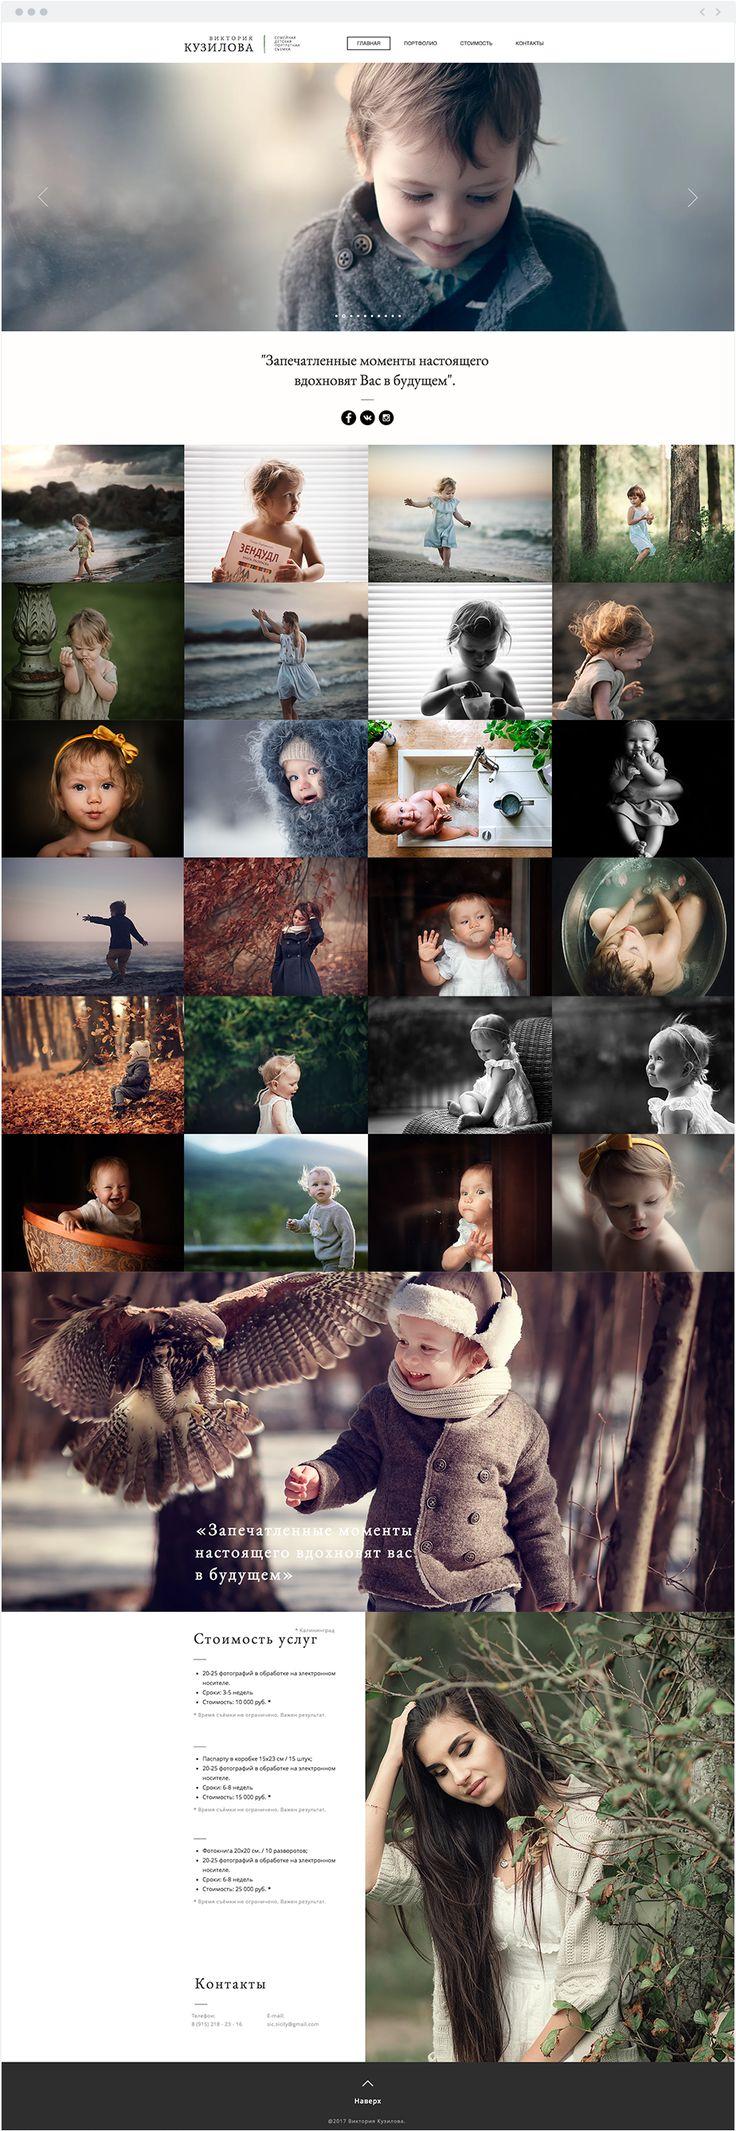 ВИКТОРИЯ КУЗИЛОВА | Photographer